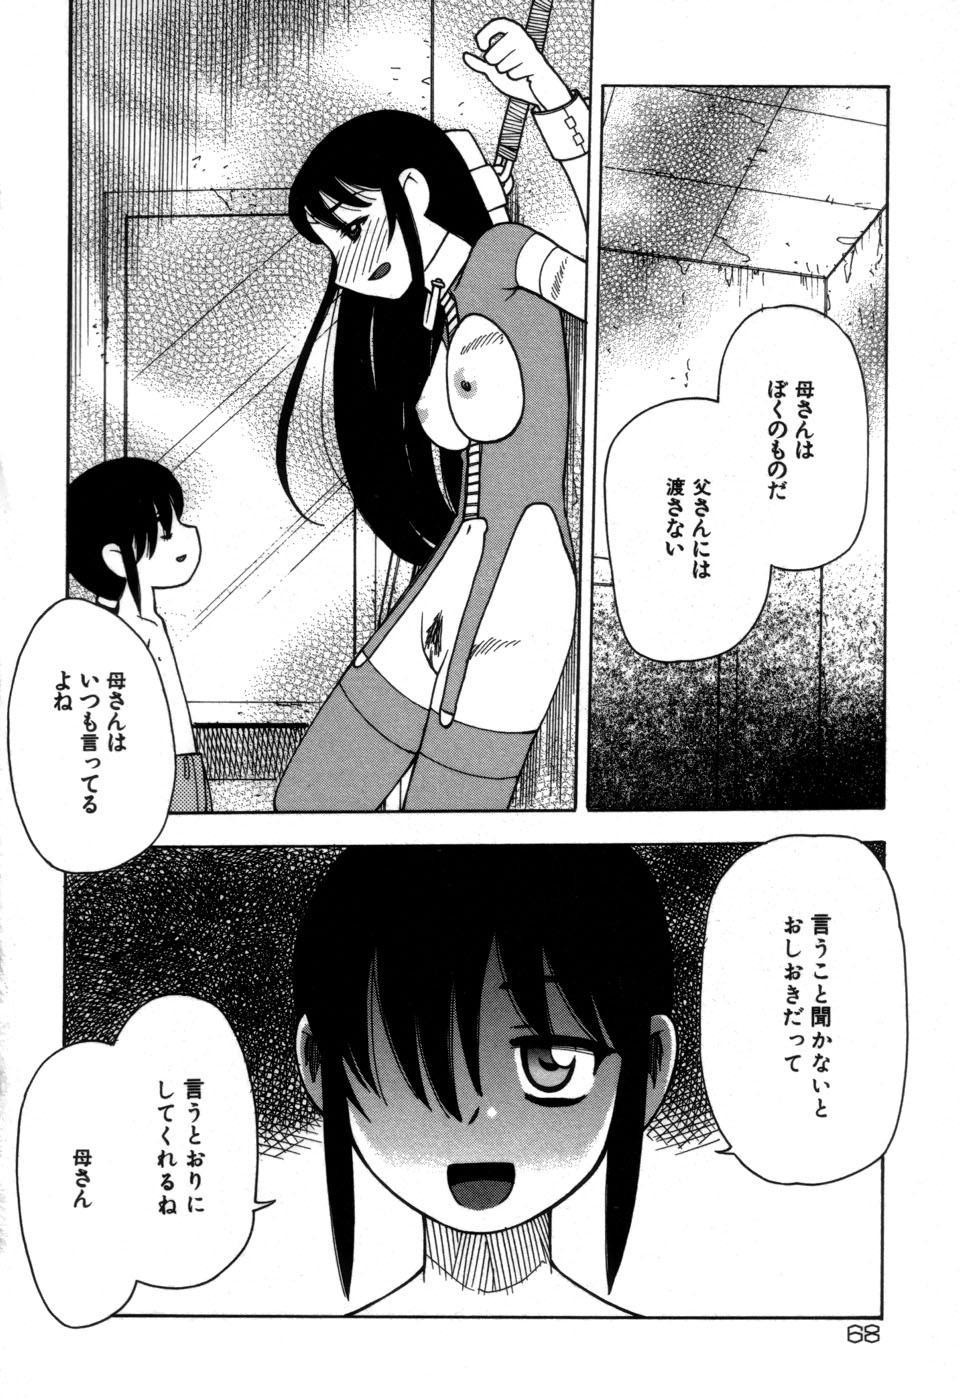 Imouto no Hiasobi 69